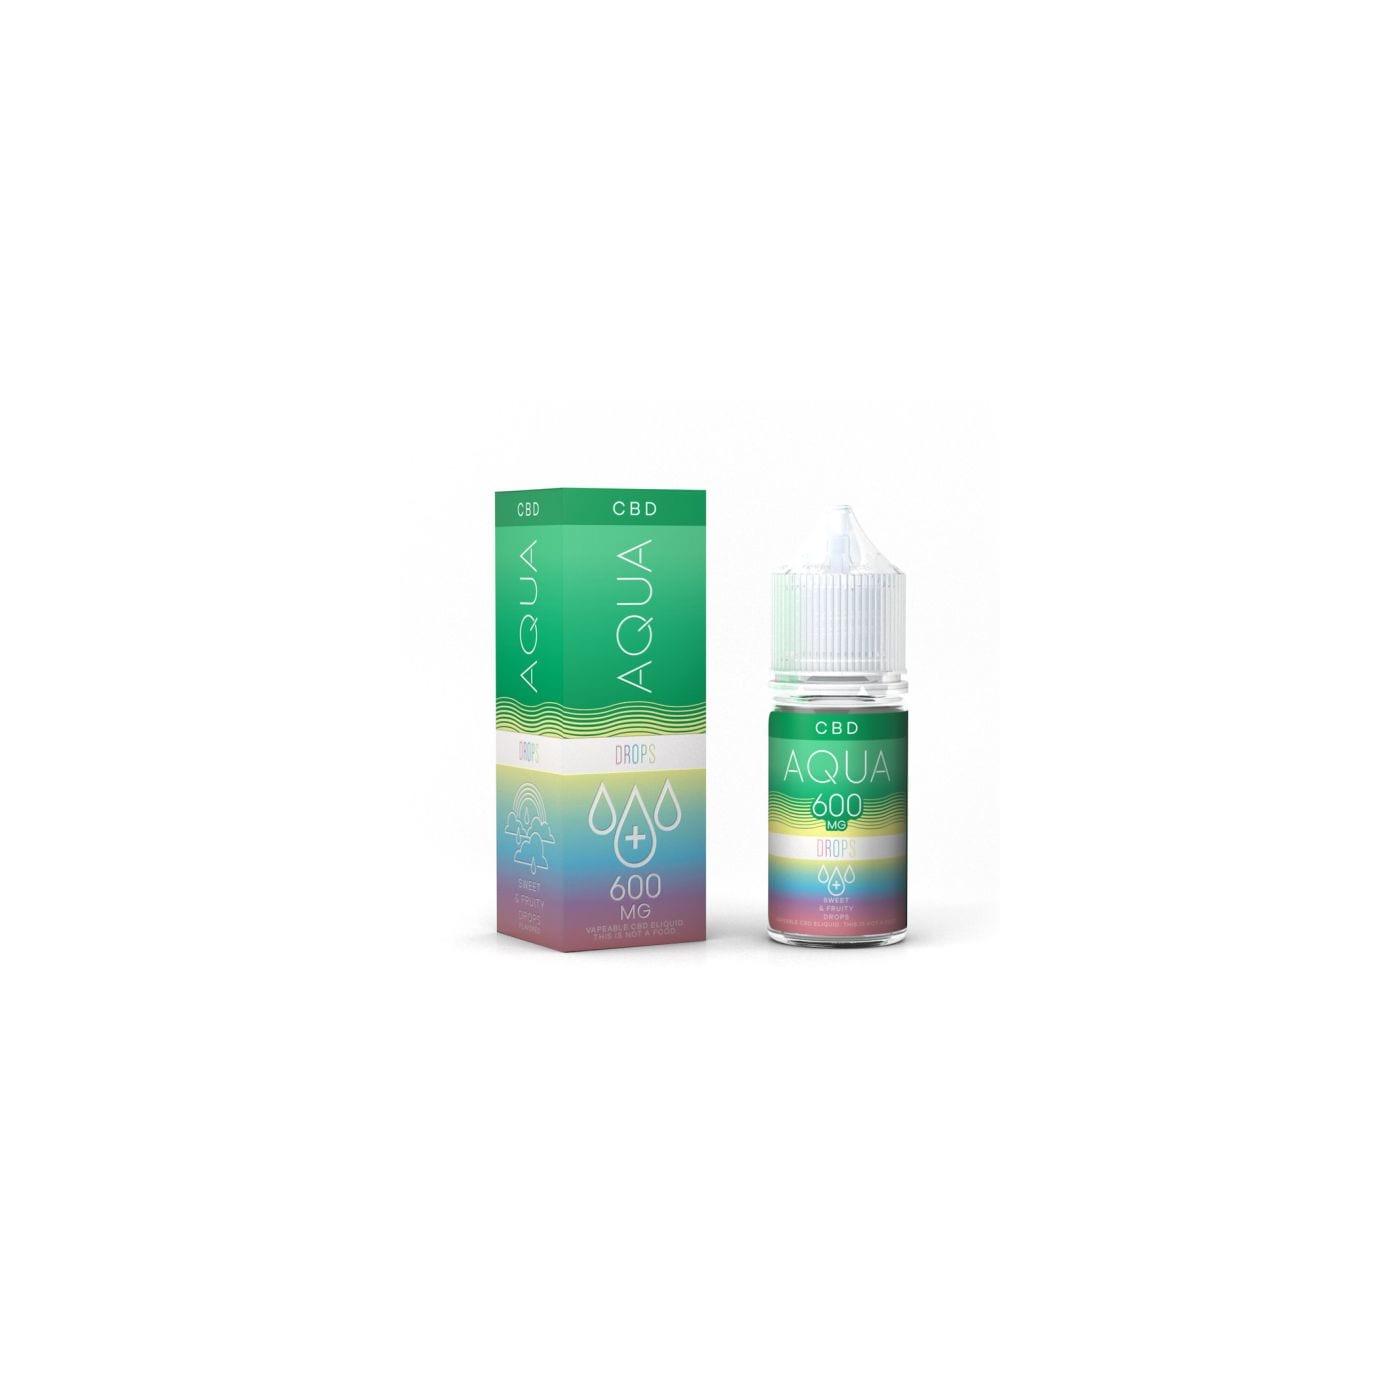 Aqua Drops CBD Vape Oil